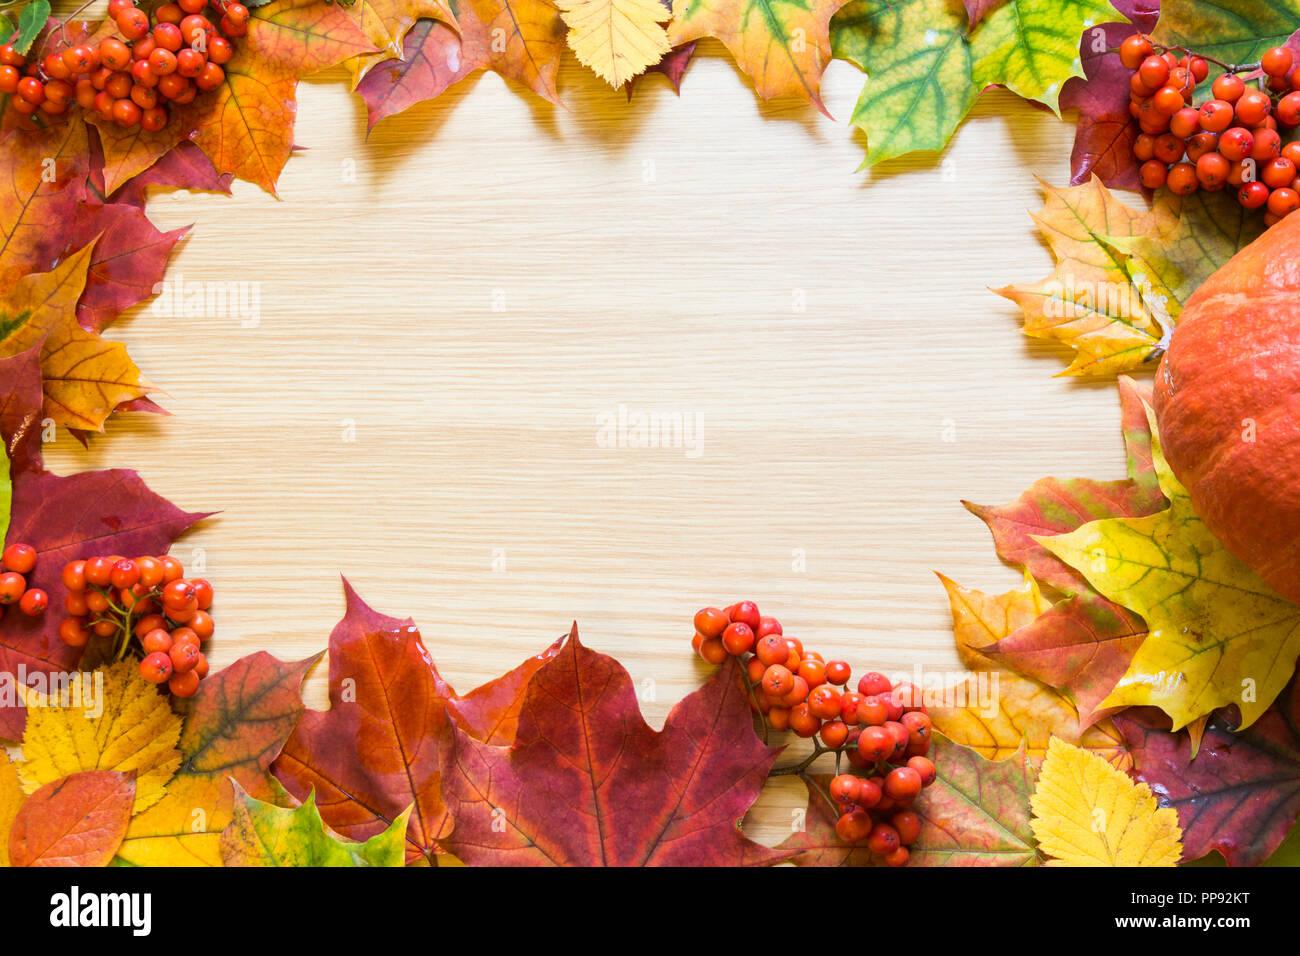 Grenze der Blätter im Herbst, Kürbis und vogelbeere auf Holzbrett. Kopieren Sie Platz. Fallen. Stockfoto